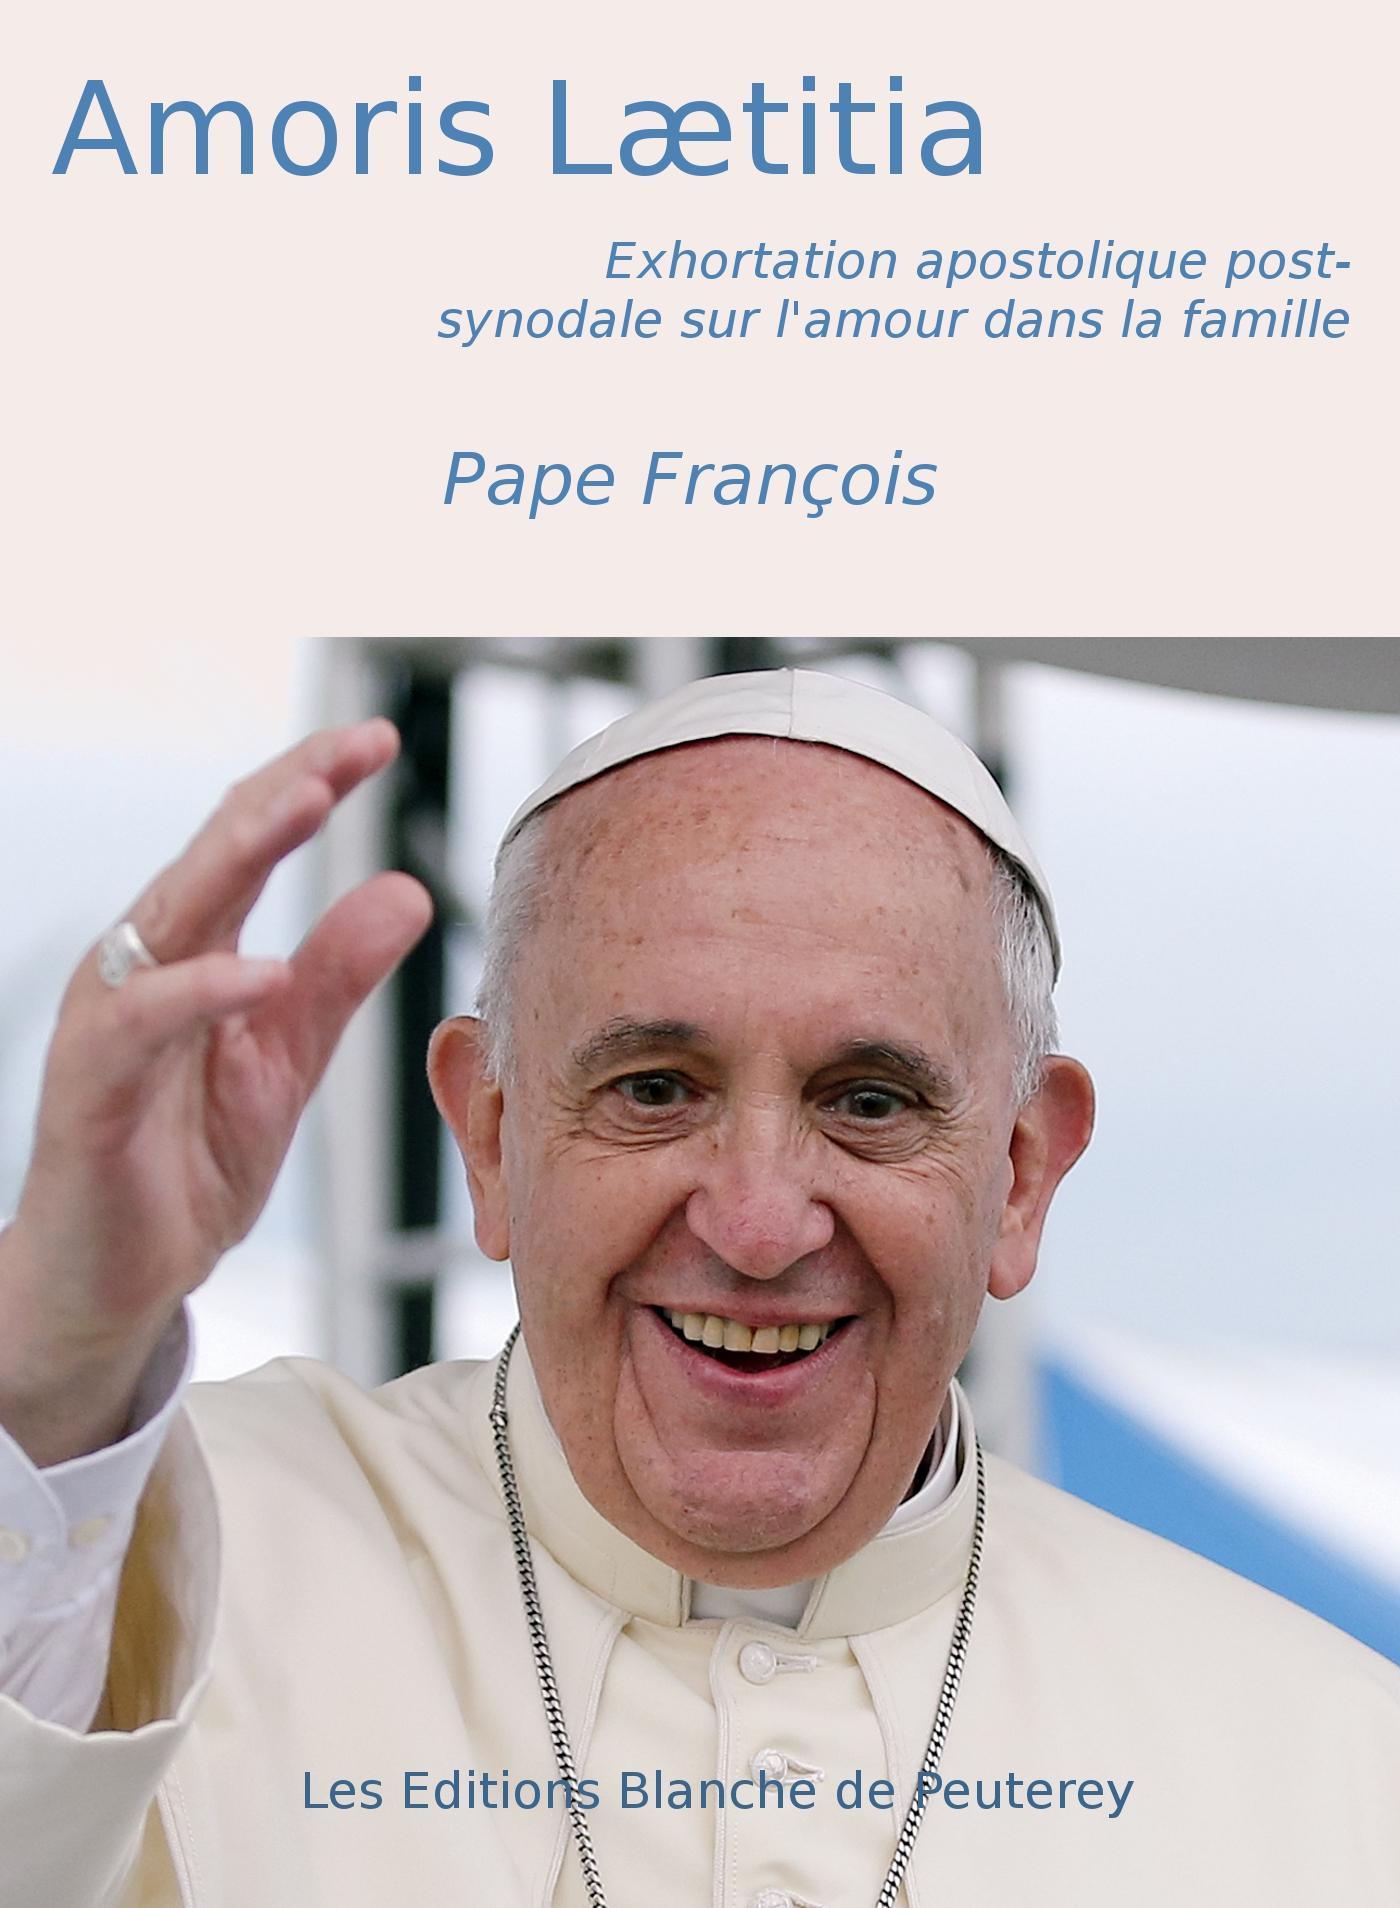 Amoris Laetitia, EXHORTATION APOSTOLIQUE POST-SYNODALE SUR L'AMOUR DANS LA FAMILLE